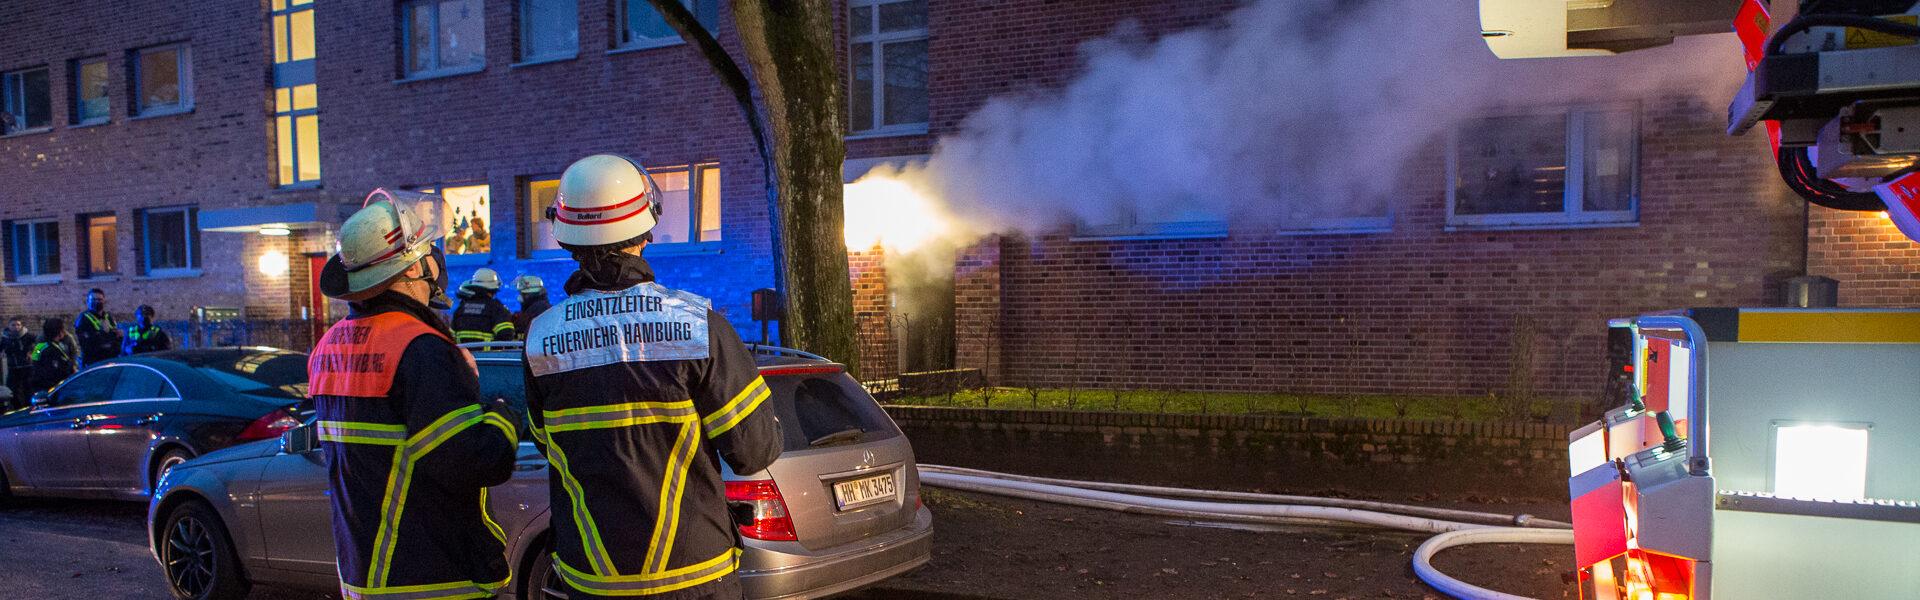 16.12.2020 – Kellerbrand verraucht mehrere Häuser